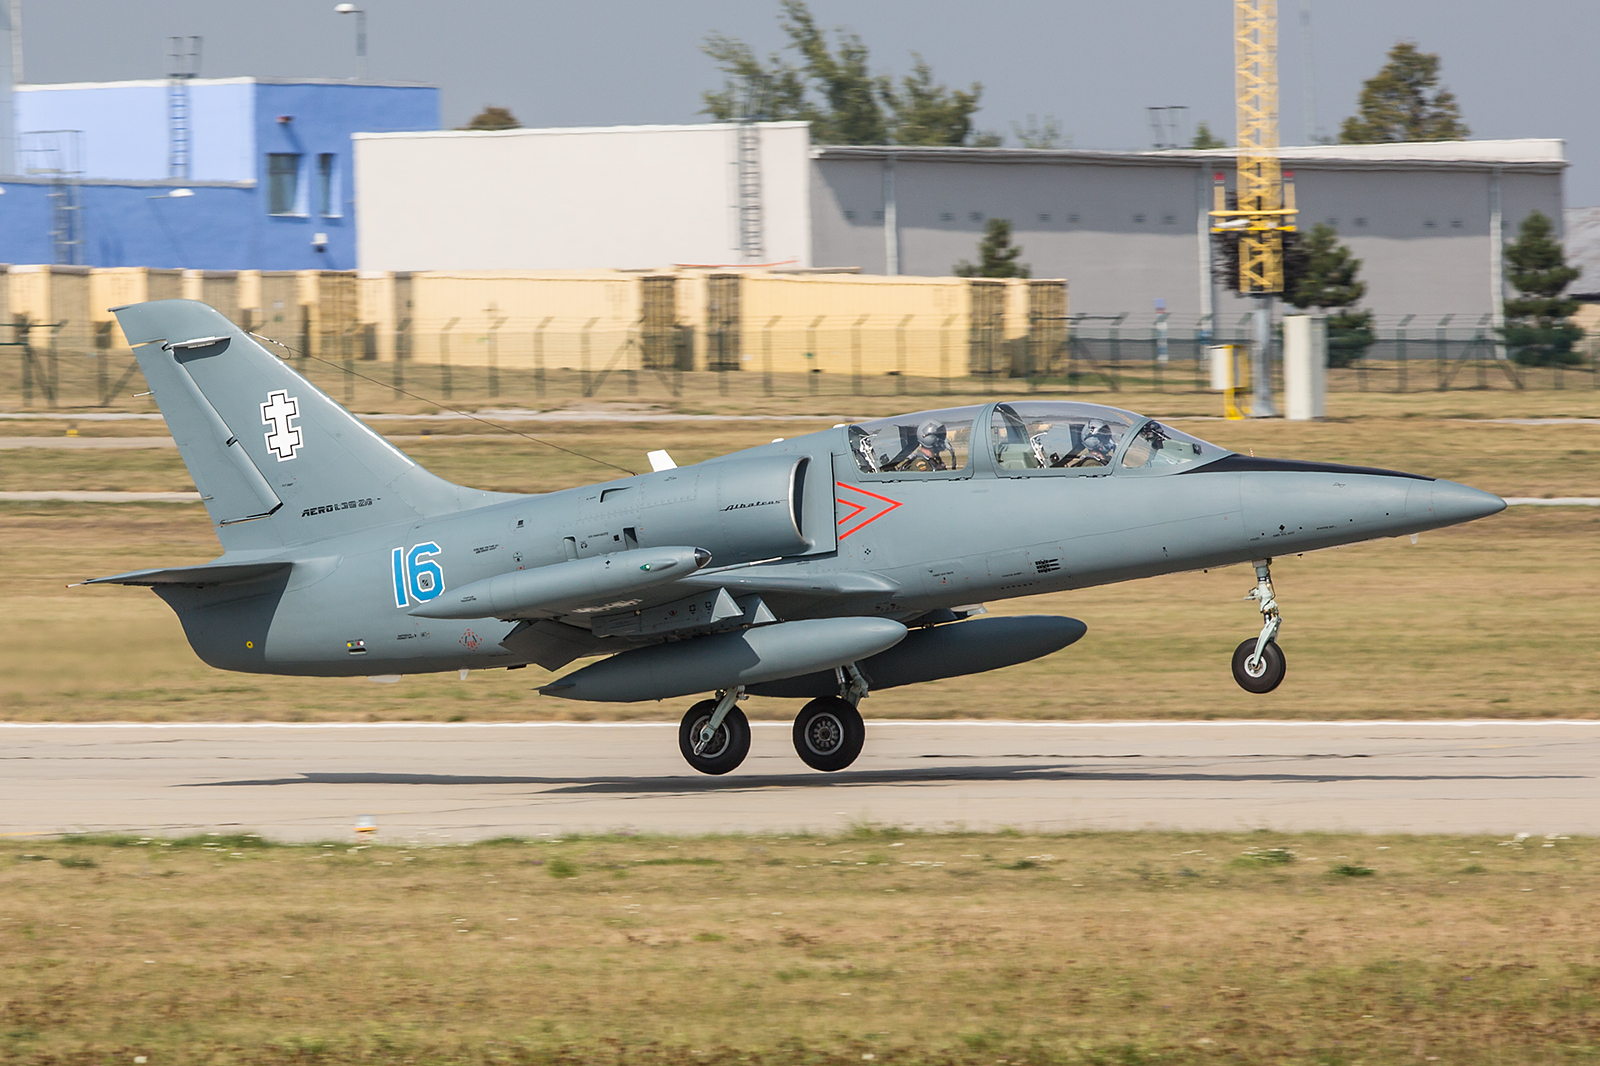 Ein eher seltener Gast in West- und Mitteleuropa sind die L-39 aus Litauen